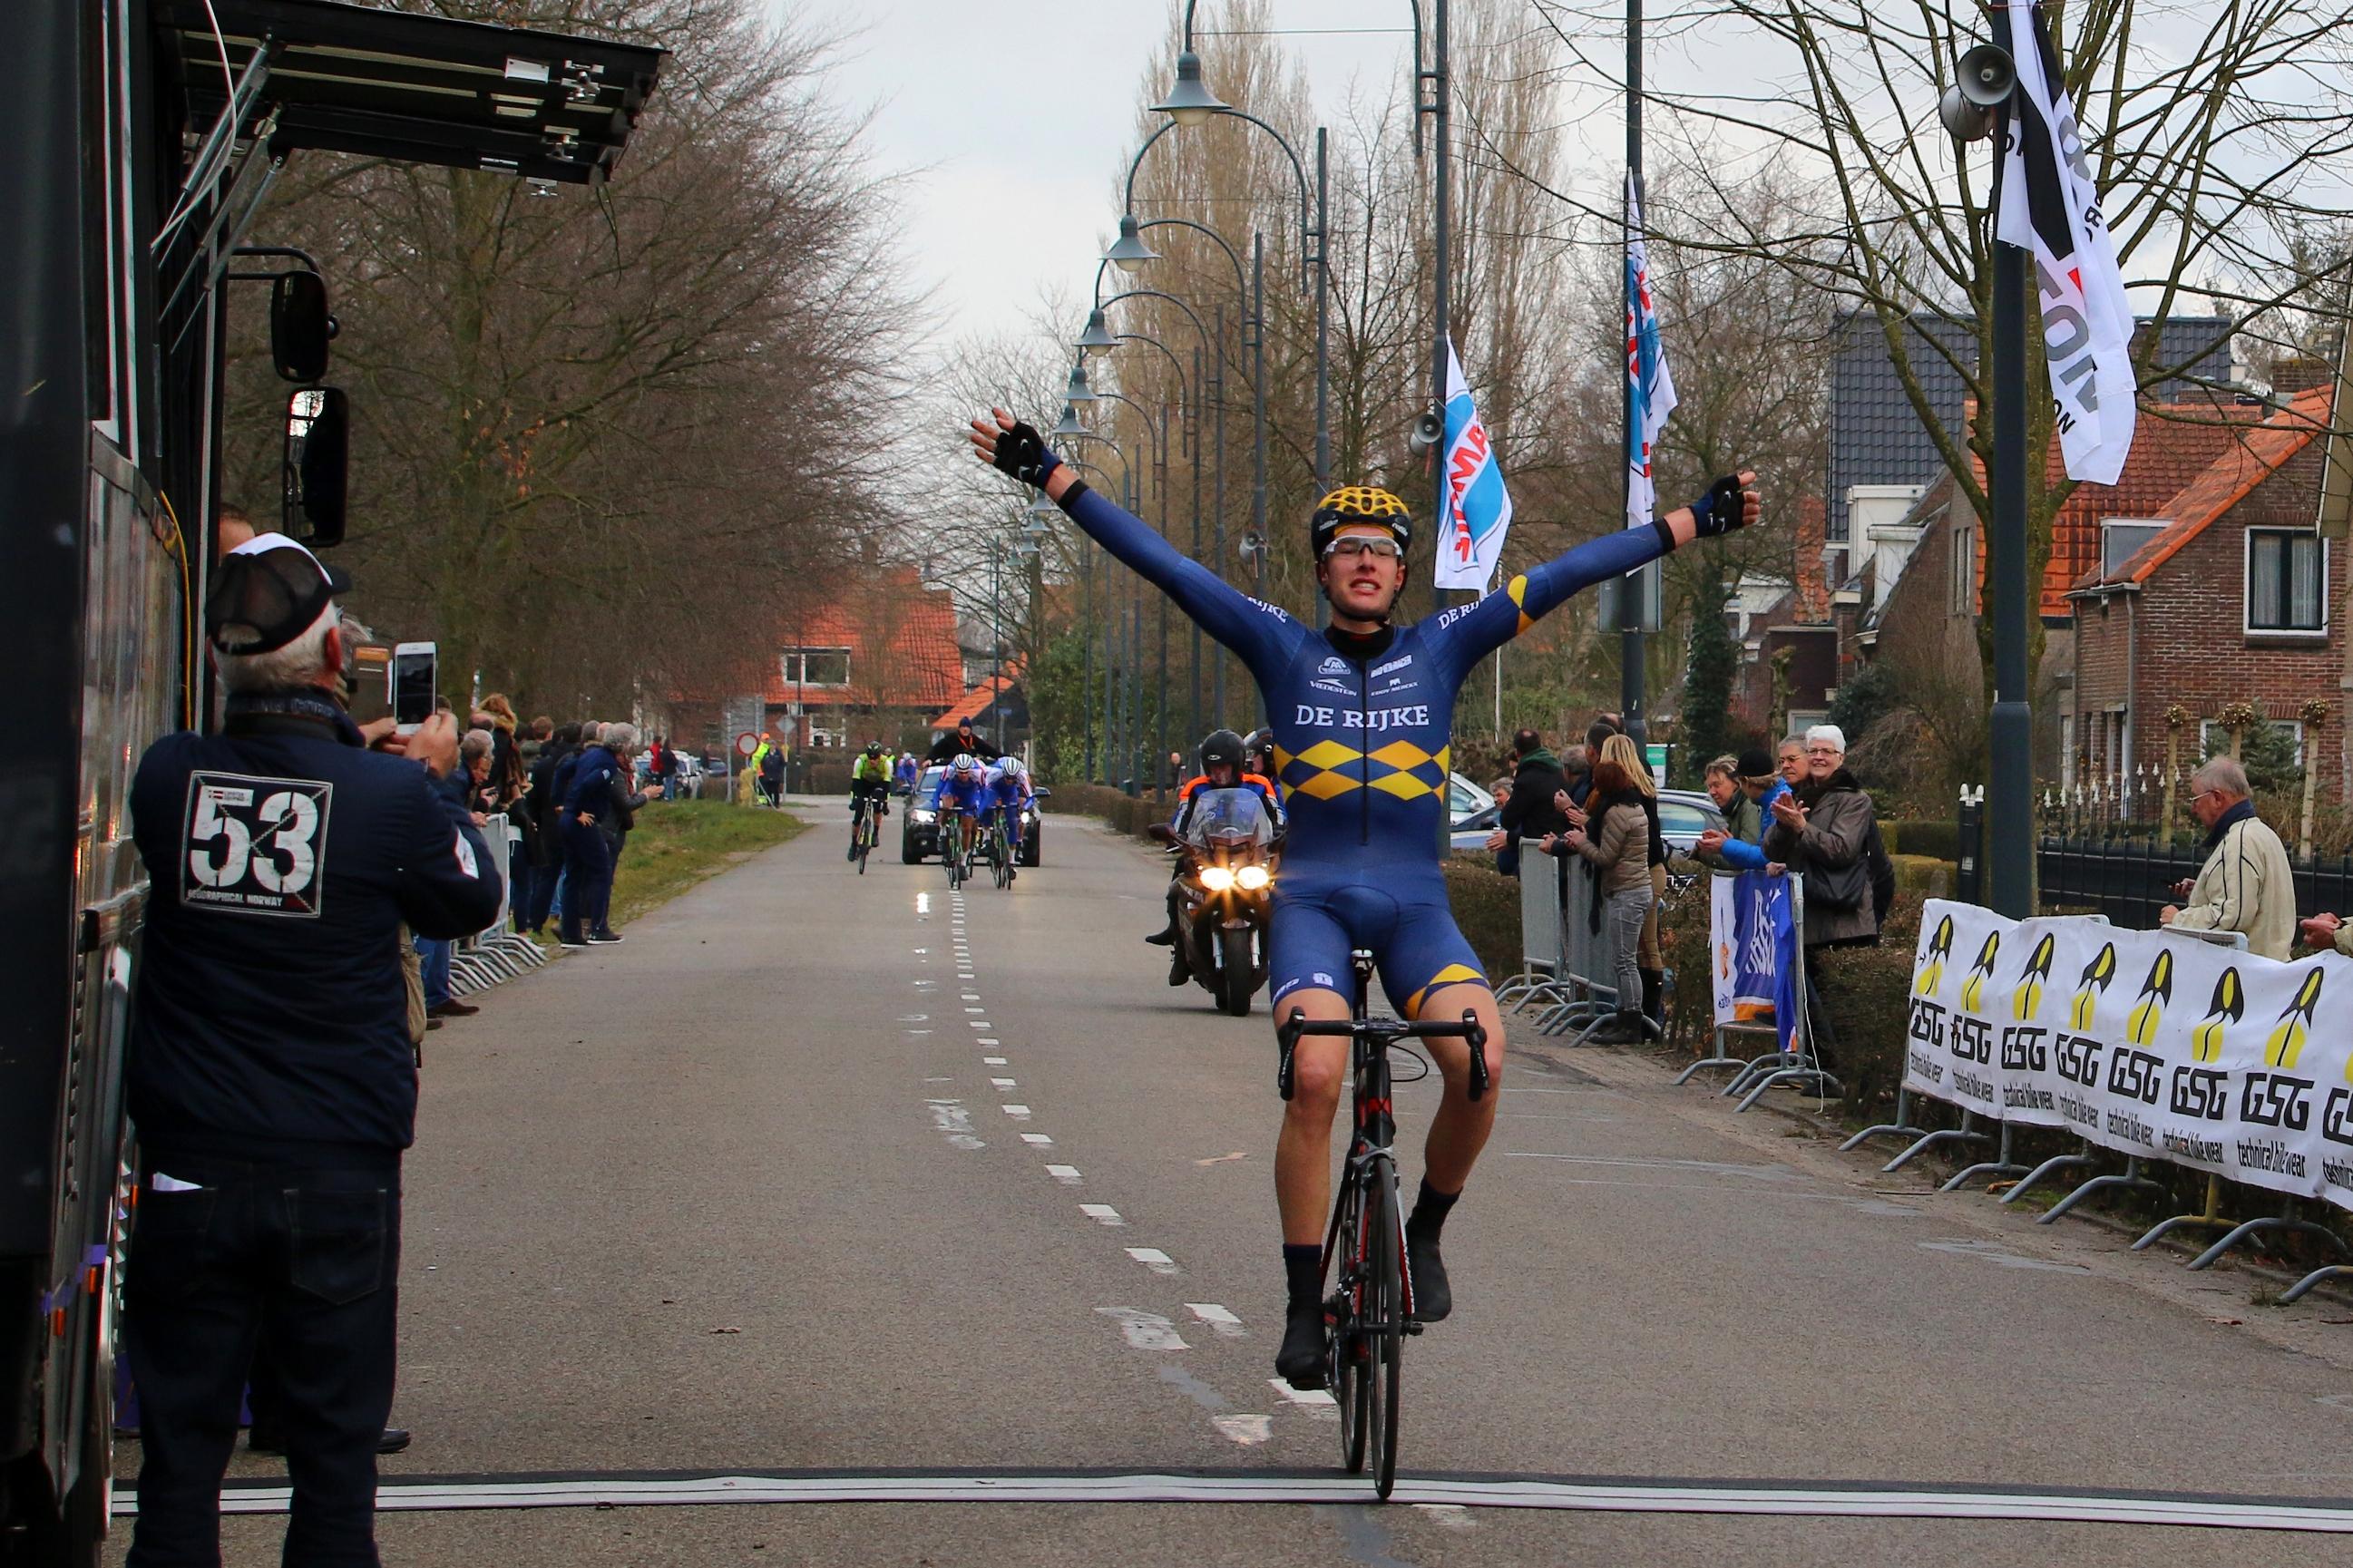 20 maart 2016  Jan-Willem van Schip  CT Join-S De Rijke  wint Houtse linies 2016